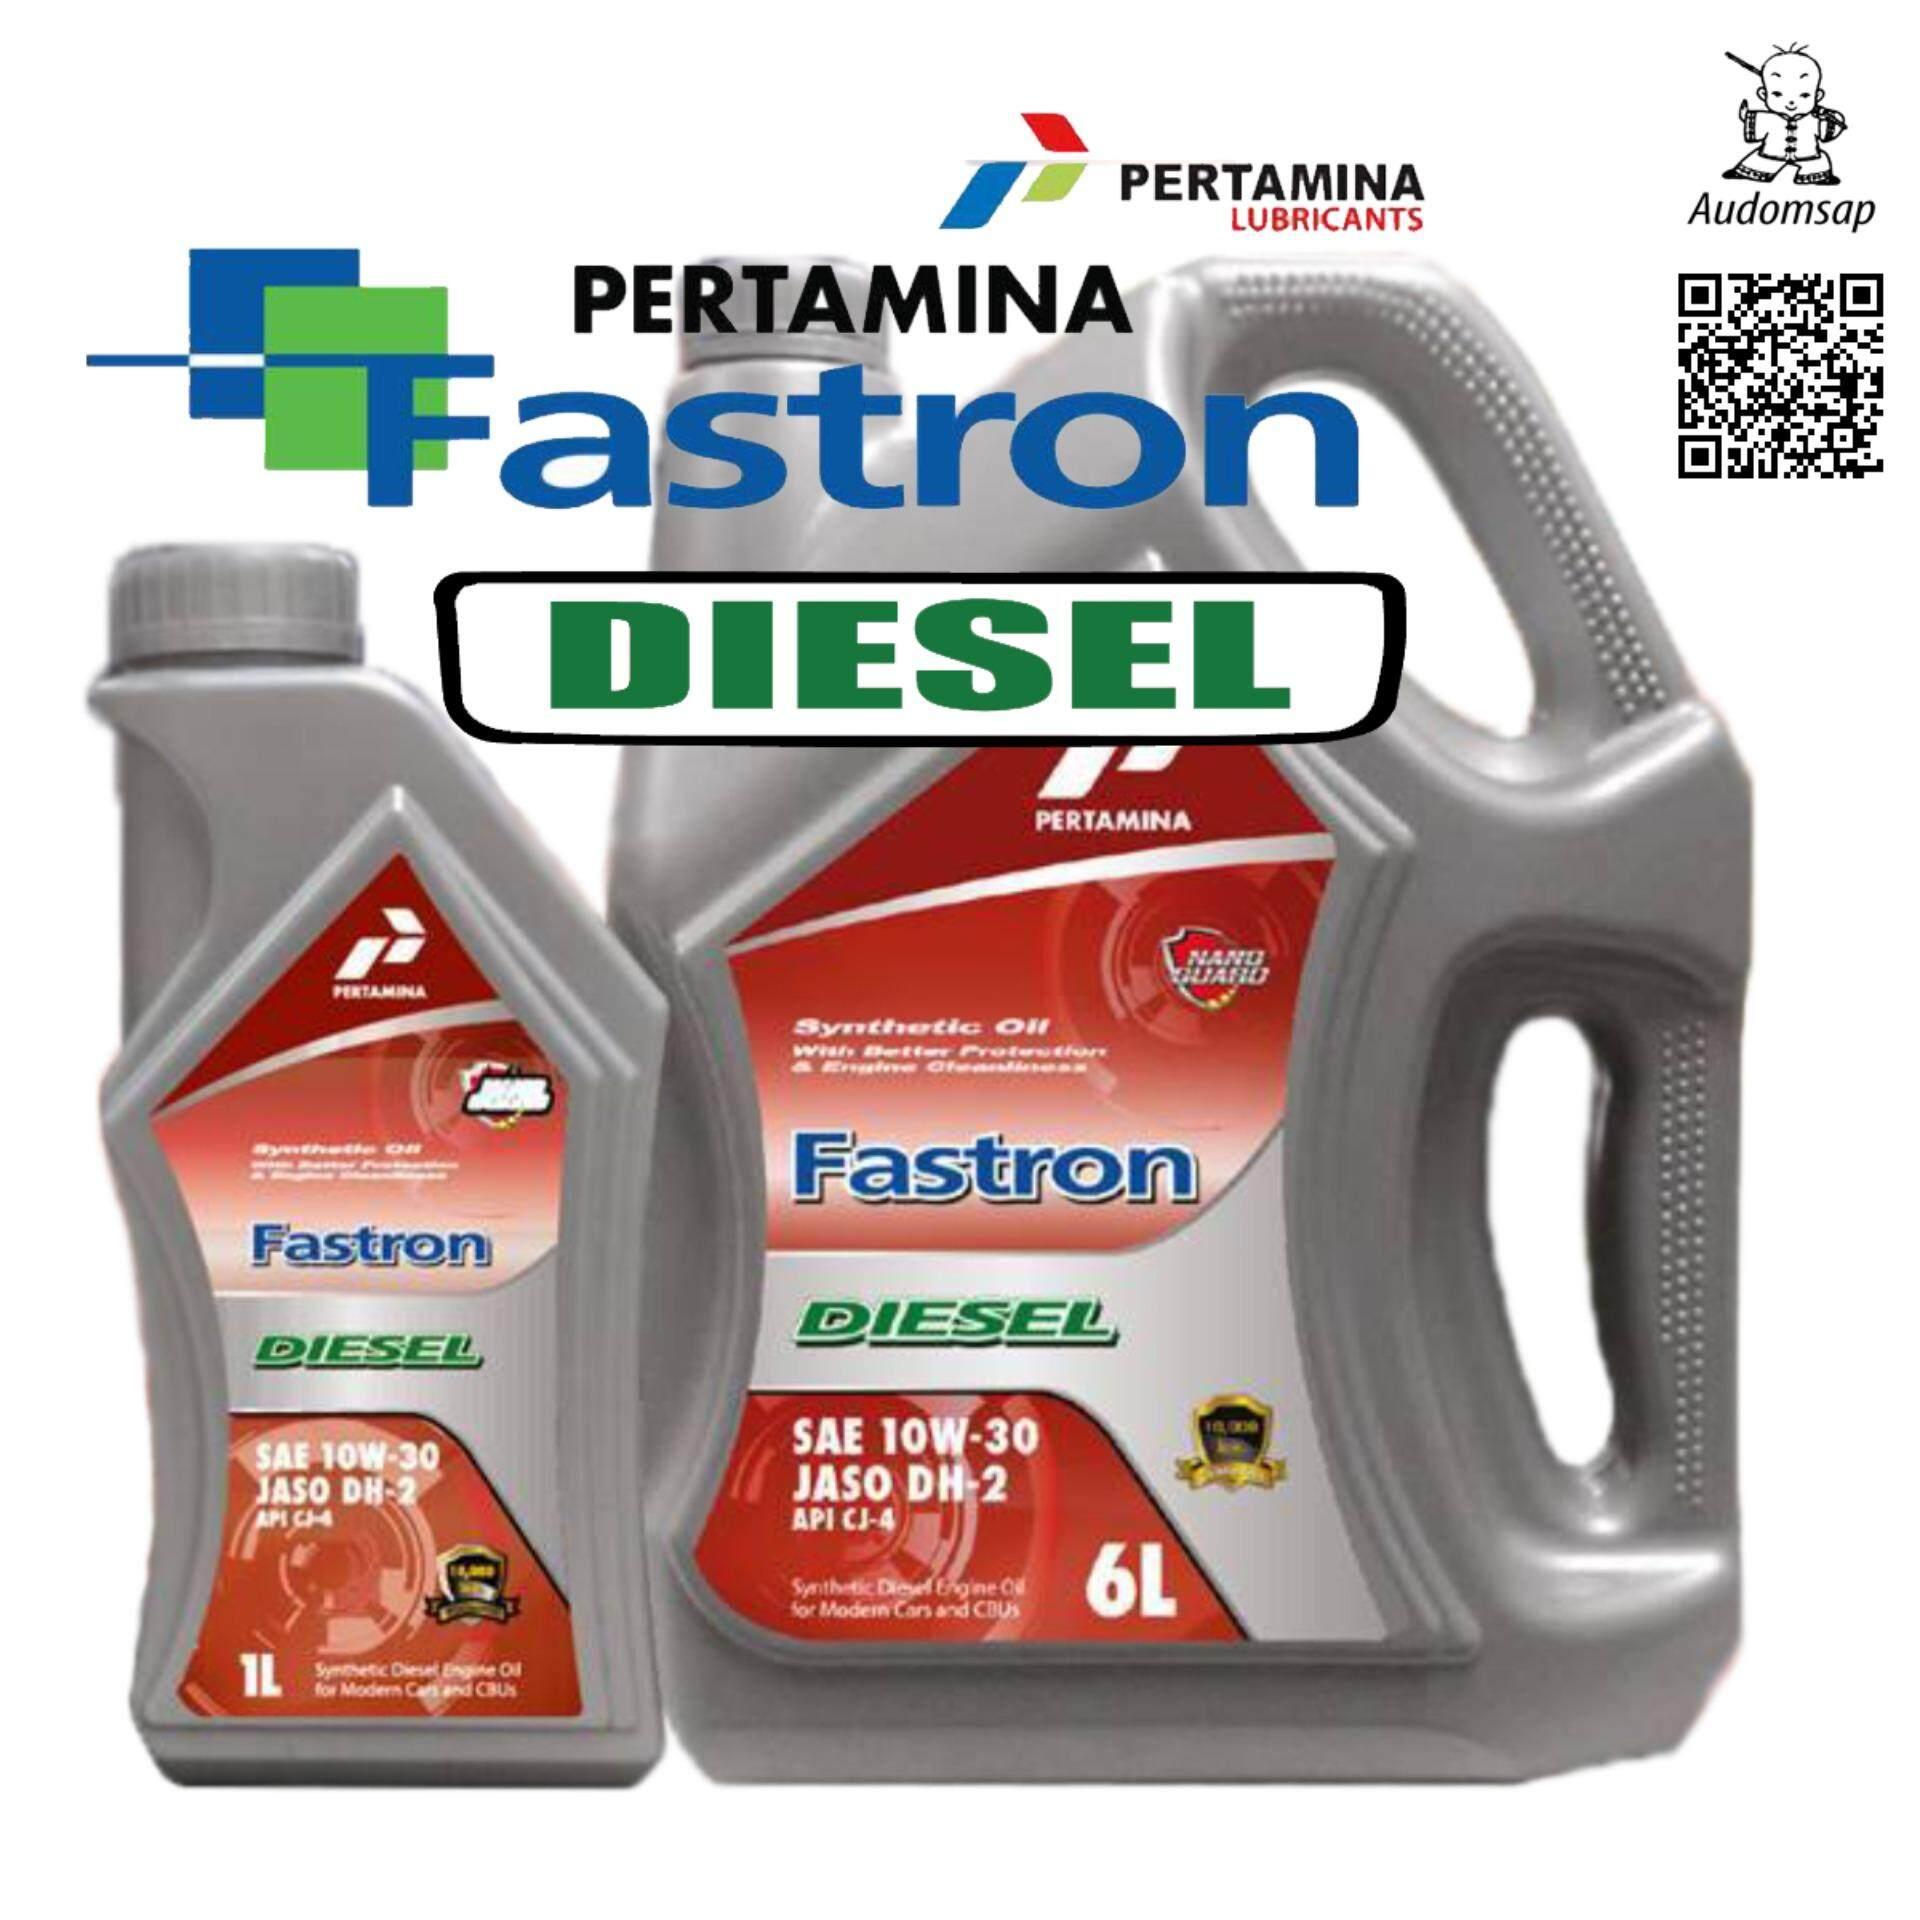 รีวิว น้ำมันเครื่องสังเคราะห์แท้100% เปอร์ตามิน่า ฟาสตรอน ดีเซล 10W30 ขนาด 6 ลิตร แถมฟรี 1ลิตร Pertamina Fastron Diesel 100% Fully Synthetic 10W30 6 Litres Free 1Litre